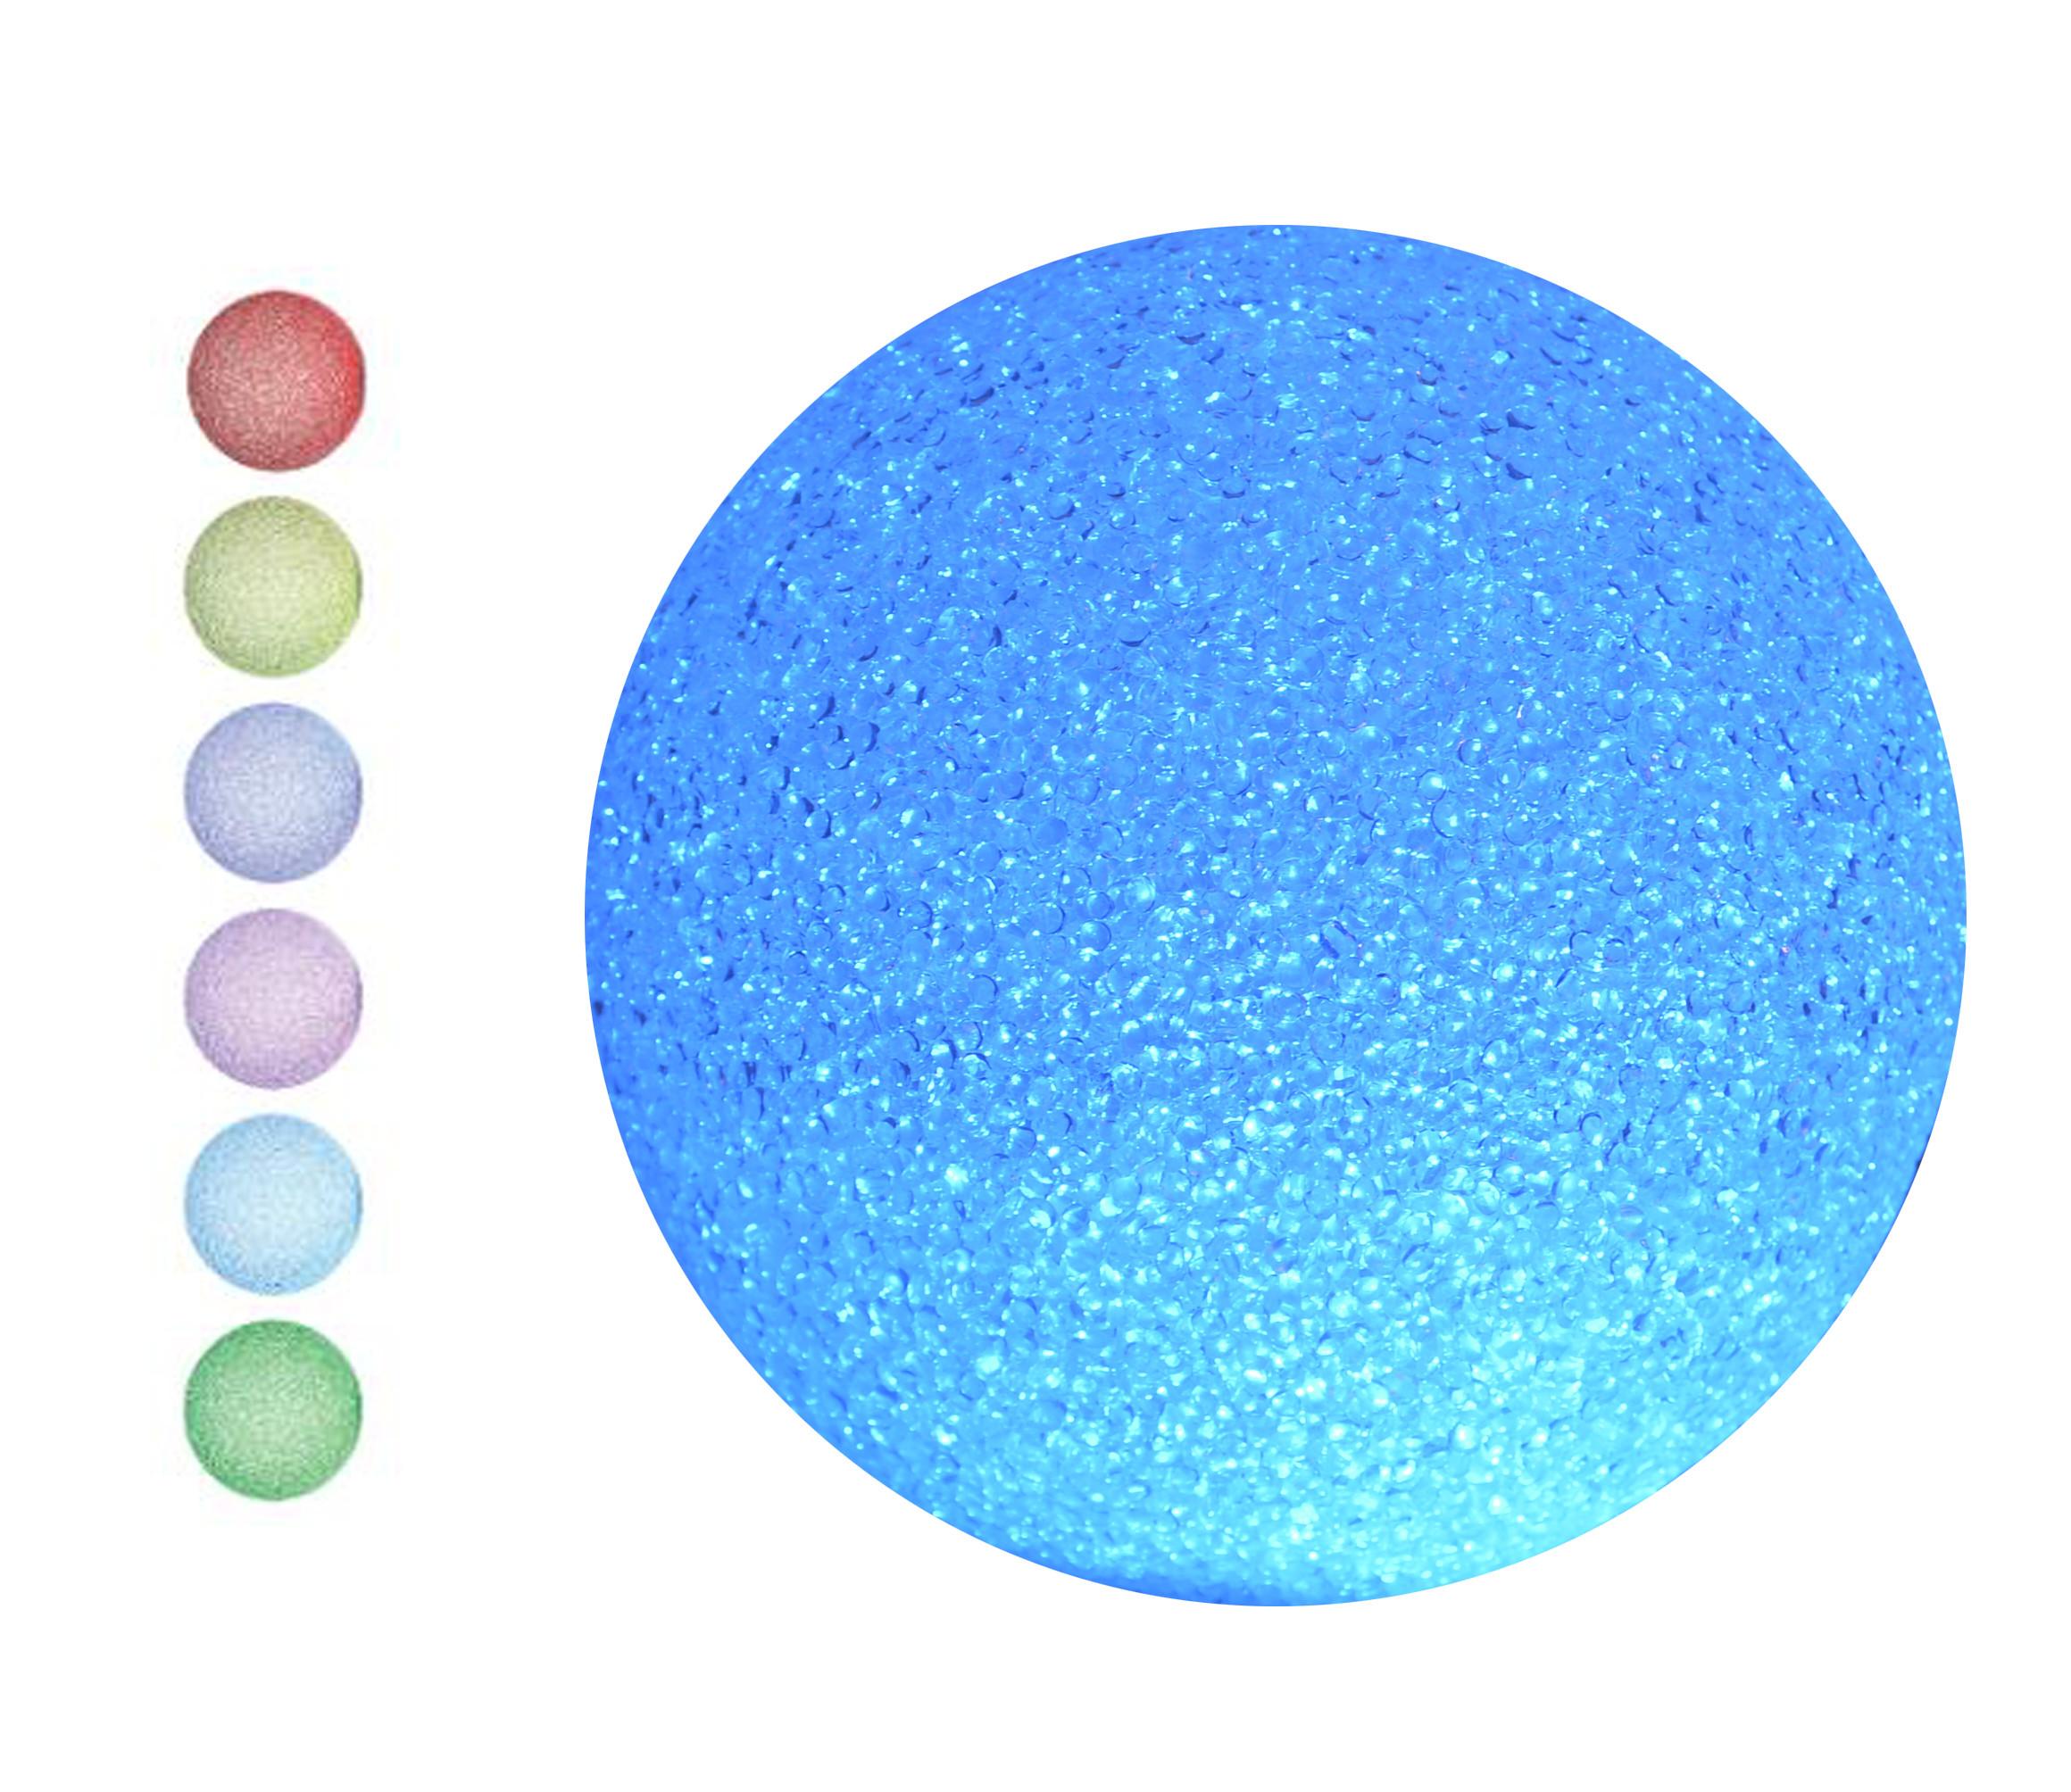 Bola Decorativa Luminosa Multicolor, Decoración Luces LED 3 Tamaños a elegir